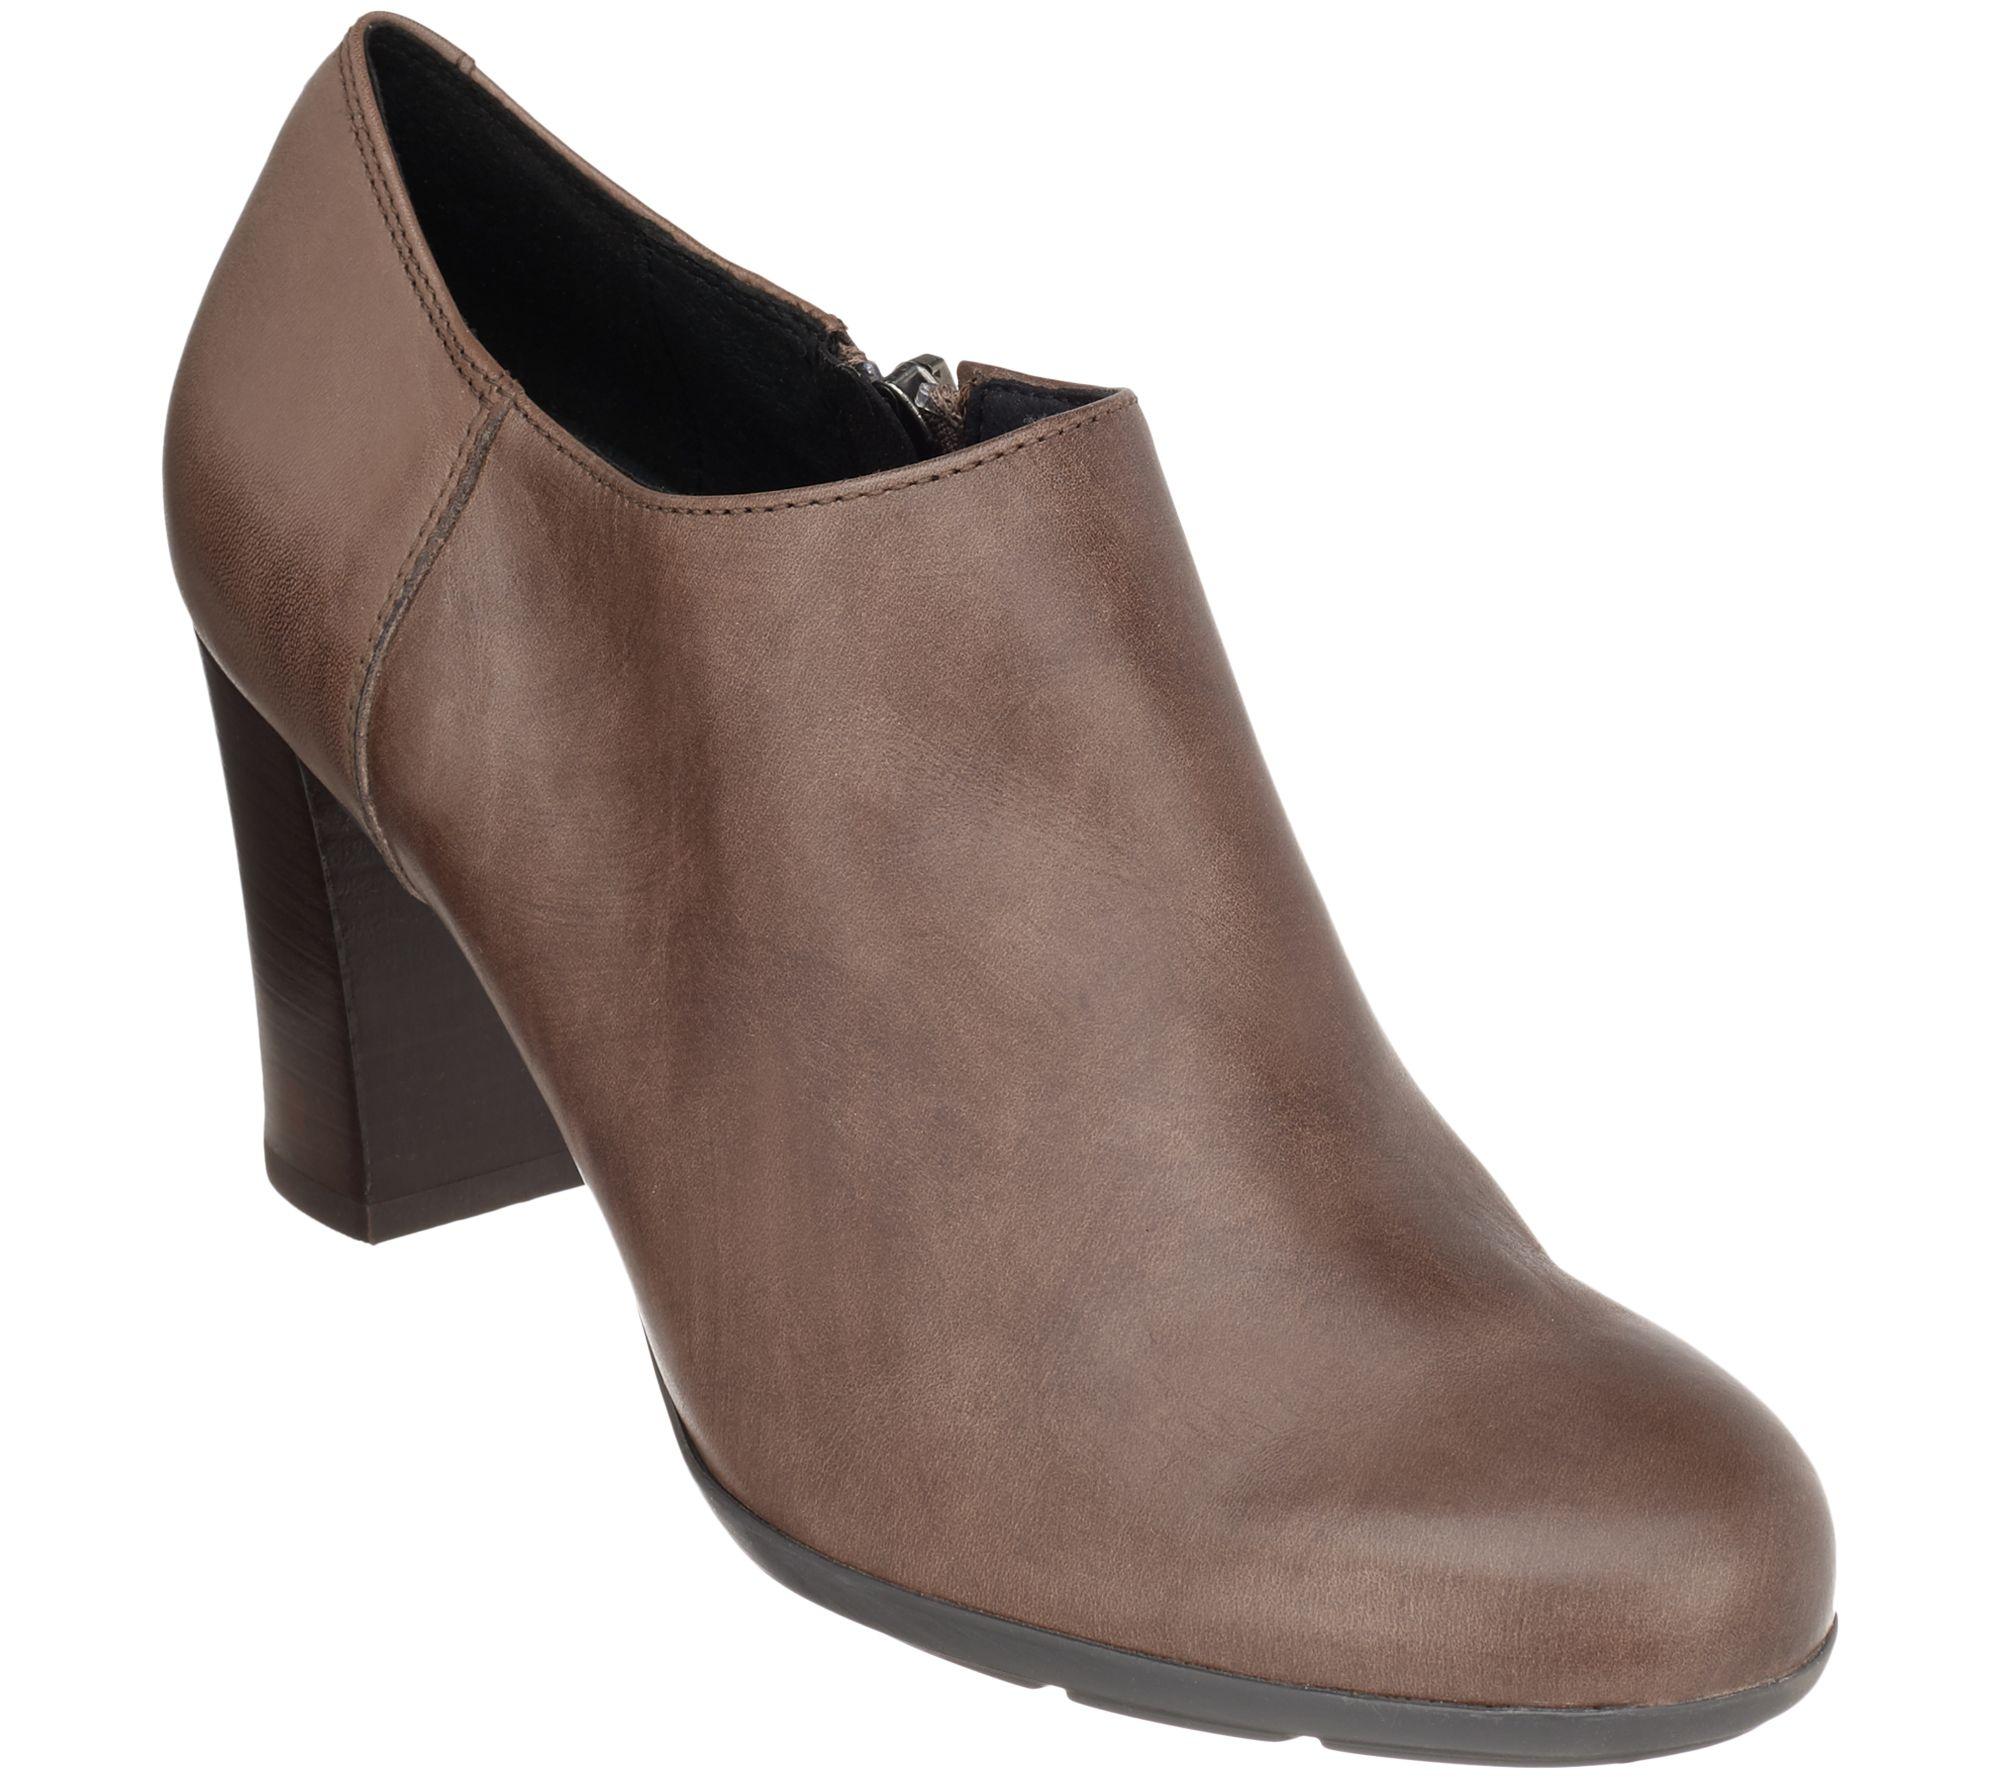 shoes u2014 womens shoes and footwear u2014 qvc com